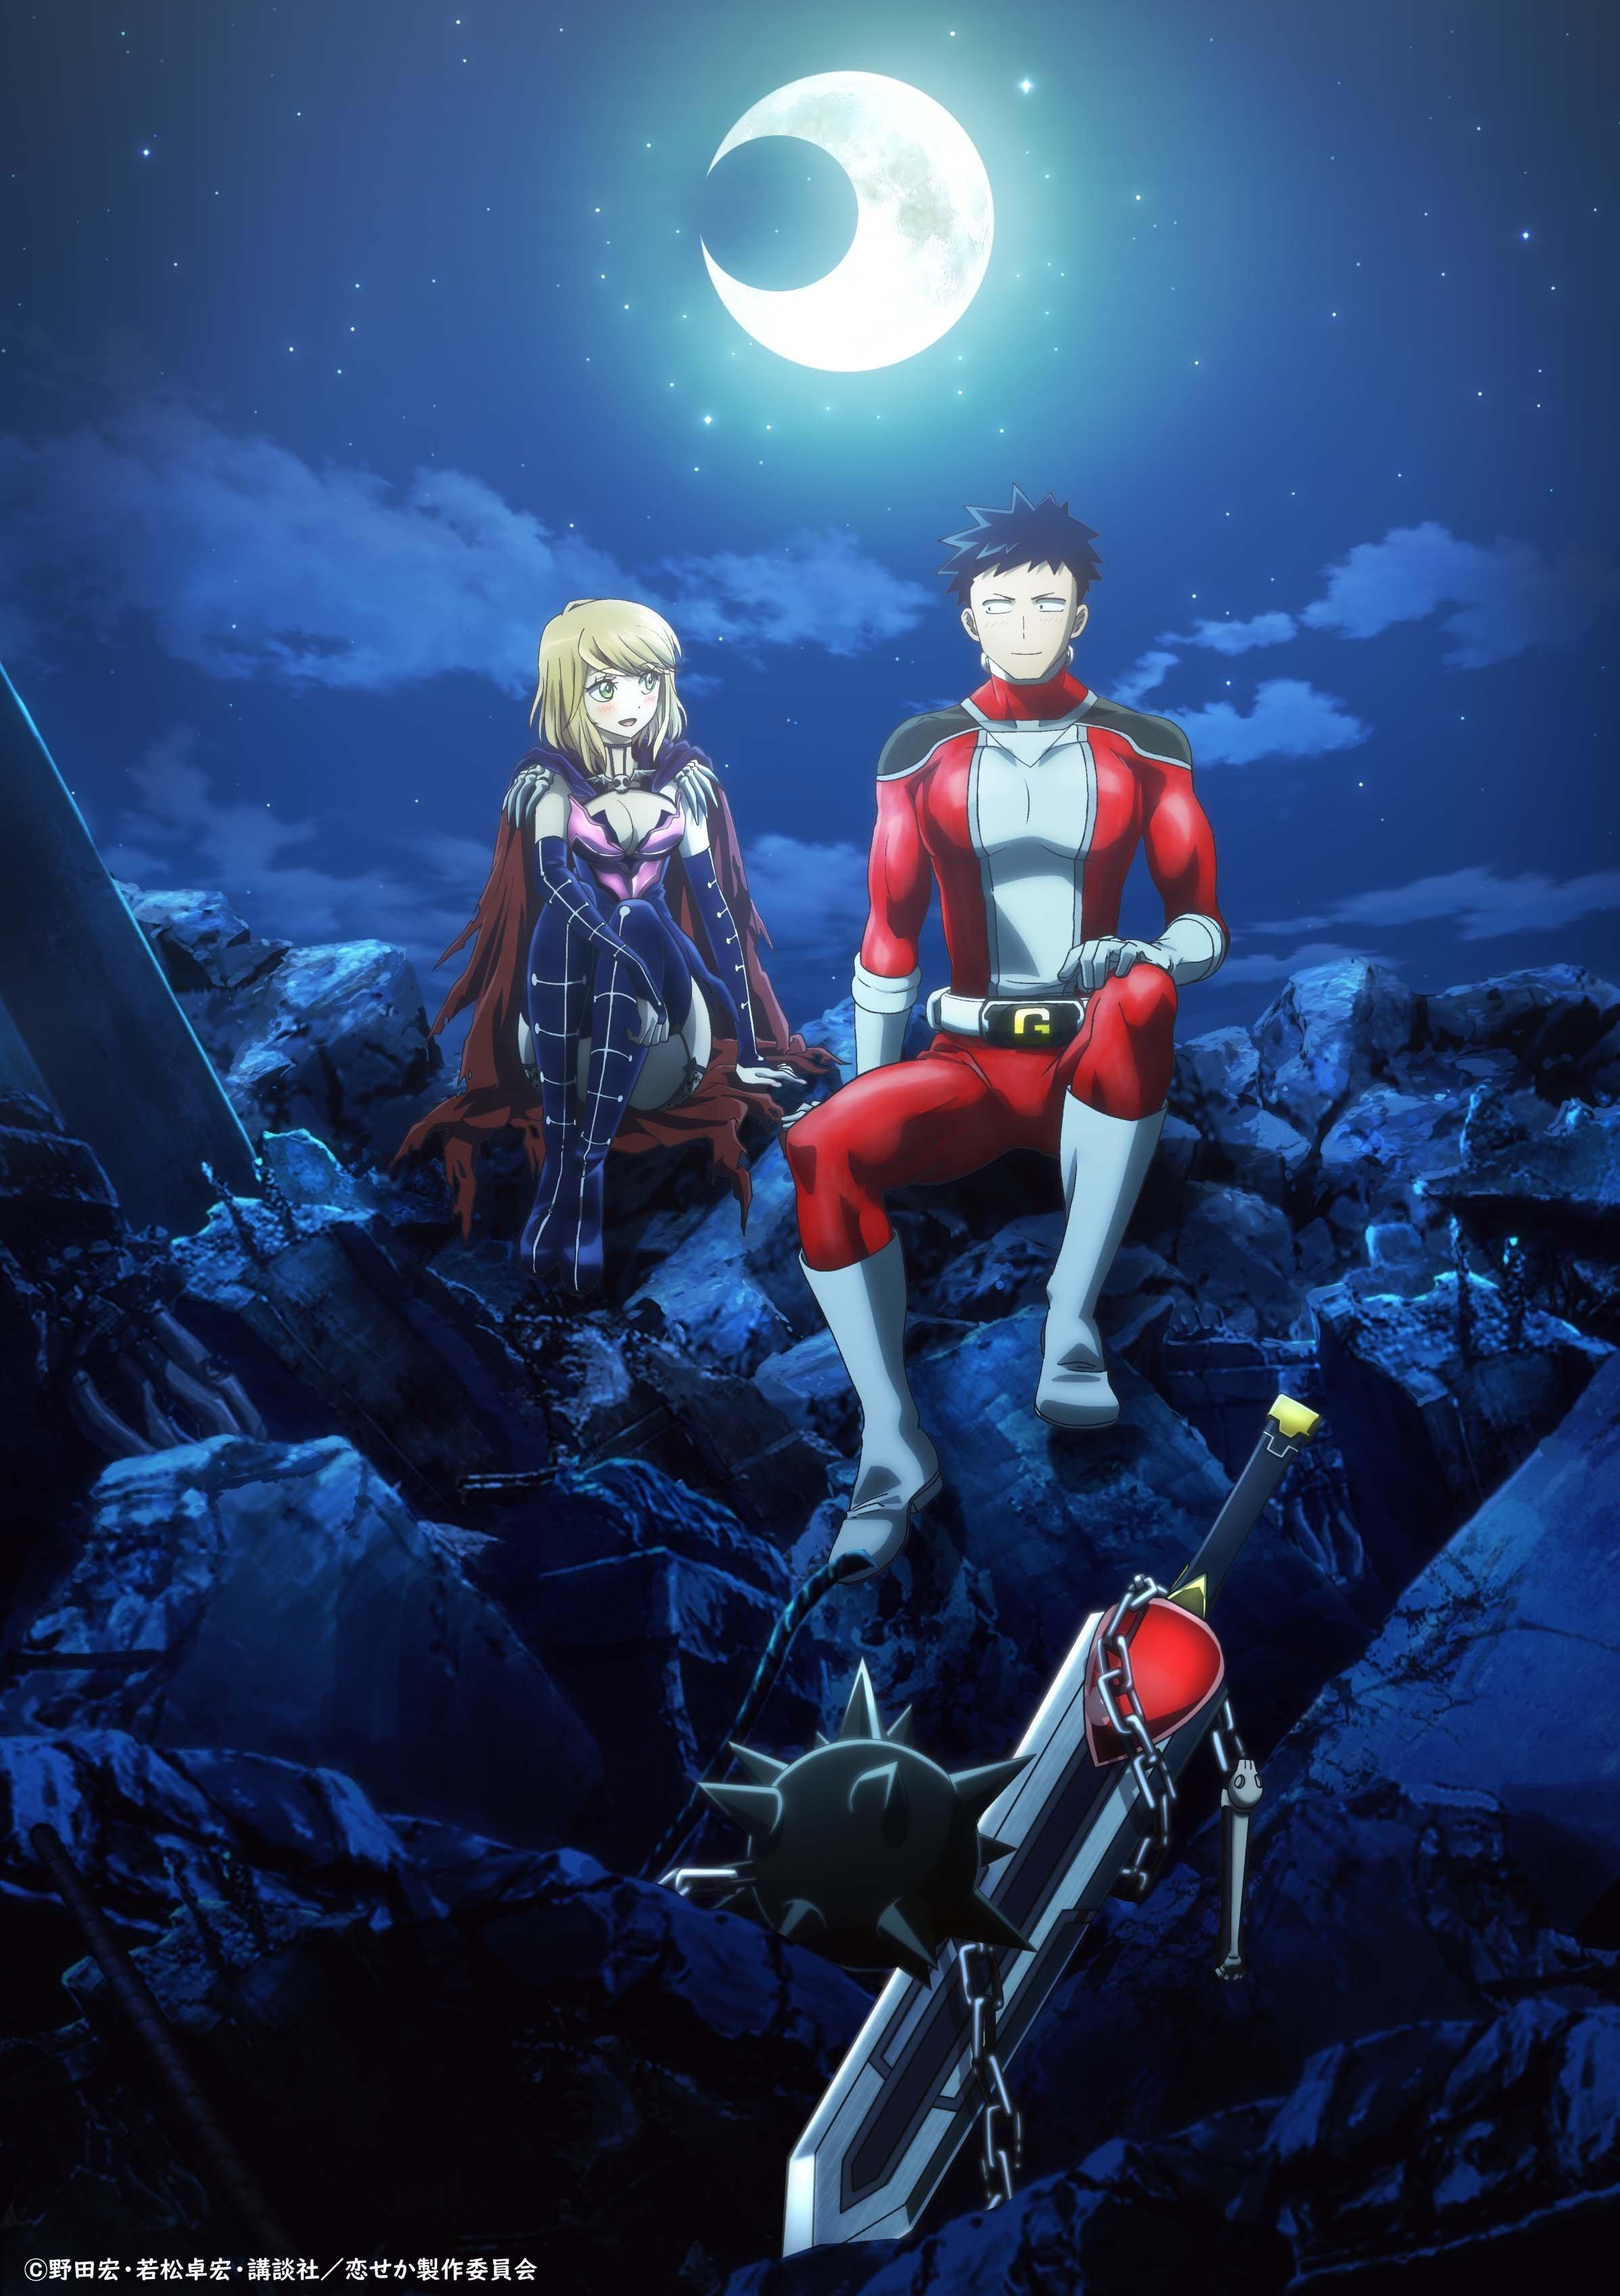 TV动画片《恋爱要在世界征服后》第一弹主视觉图公开,动漫文章